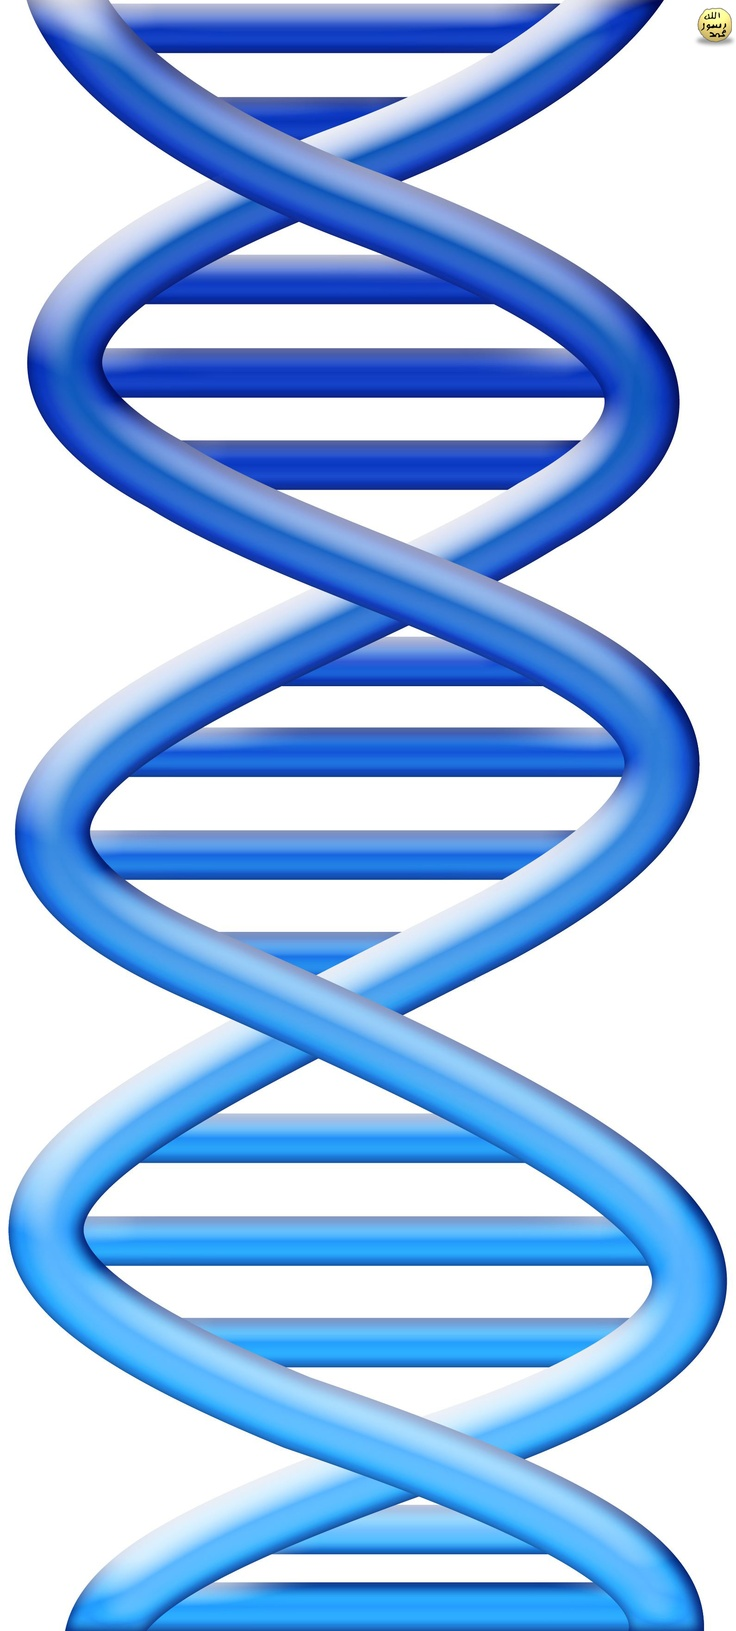 Allah'ın DNA'da sakladığı bilgiler sayesinde kemiklerin arasında sürtünmeyi engelleyen kıkırdaklar, şekil, yapı ve konumları açısından çok özel dokulardır. Örneğin dizlerdeki kıkırdaklar tampon görevi görerek, onlarca kilo ağırlığındaki vücut ağırlığının hissetmeden taşınmasını sağlarlar. Bunların ayrıntılı planı da DNA'da kayıtlı bilgilerdir.